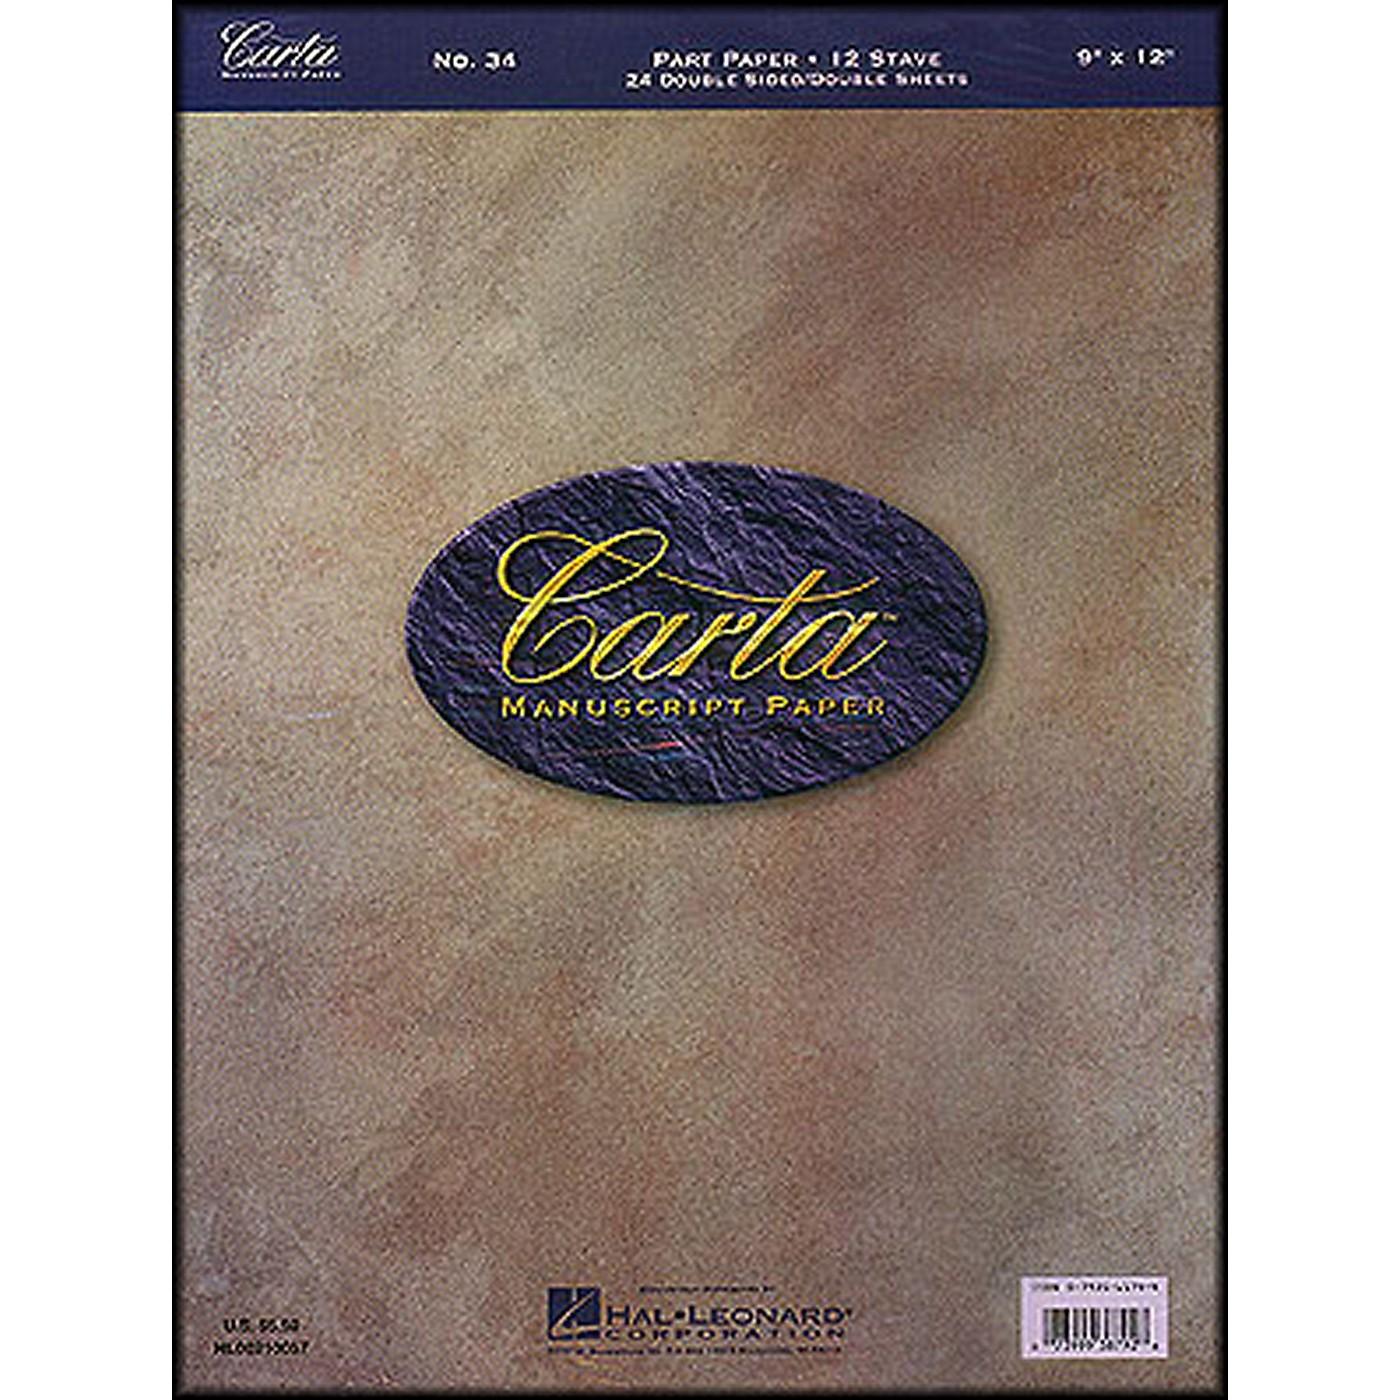 Hal Leonard Carta 34 Partpaper 9X12, Dbl Sided, 24 Sheet, 12 Stave Manuscript thumbnail